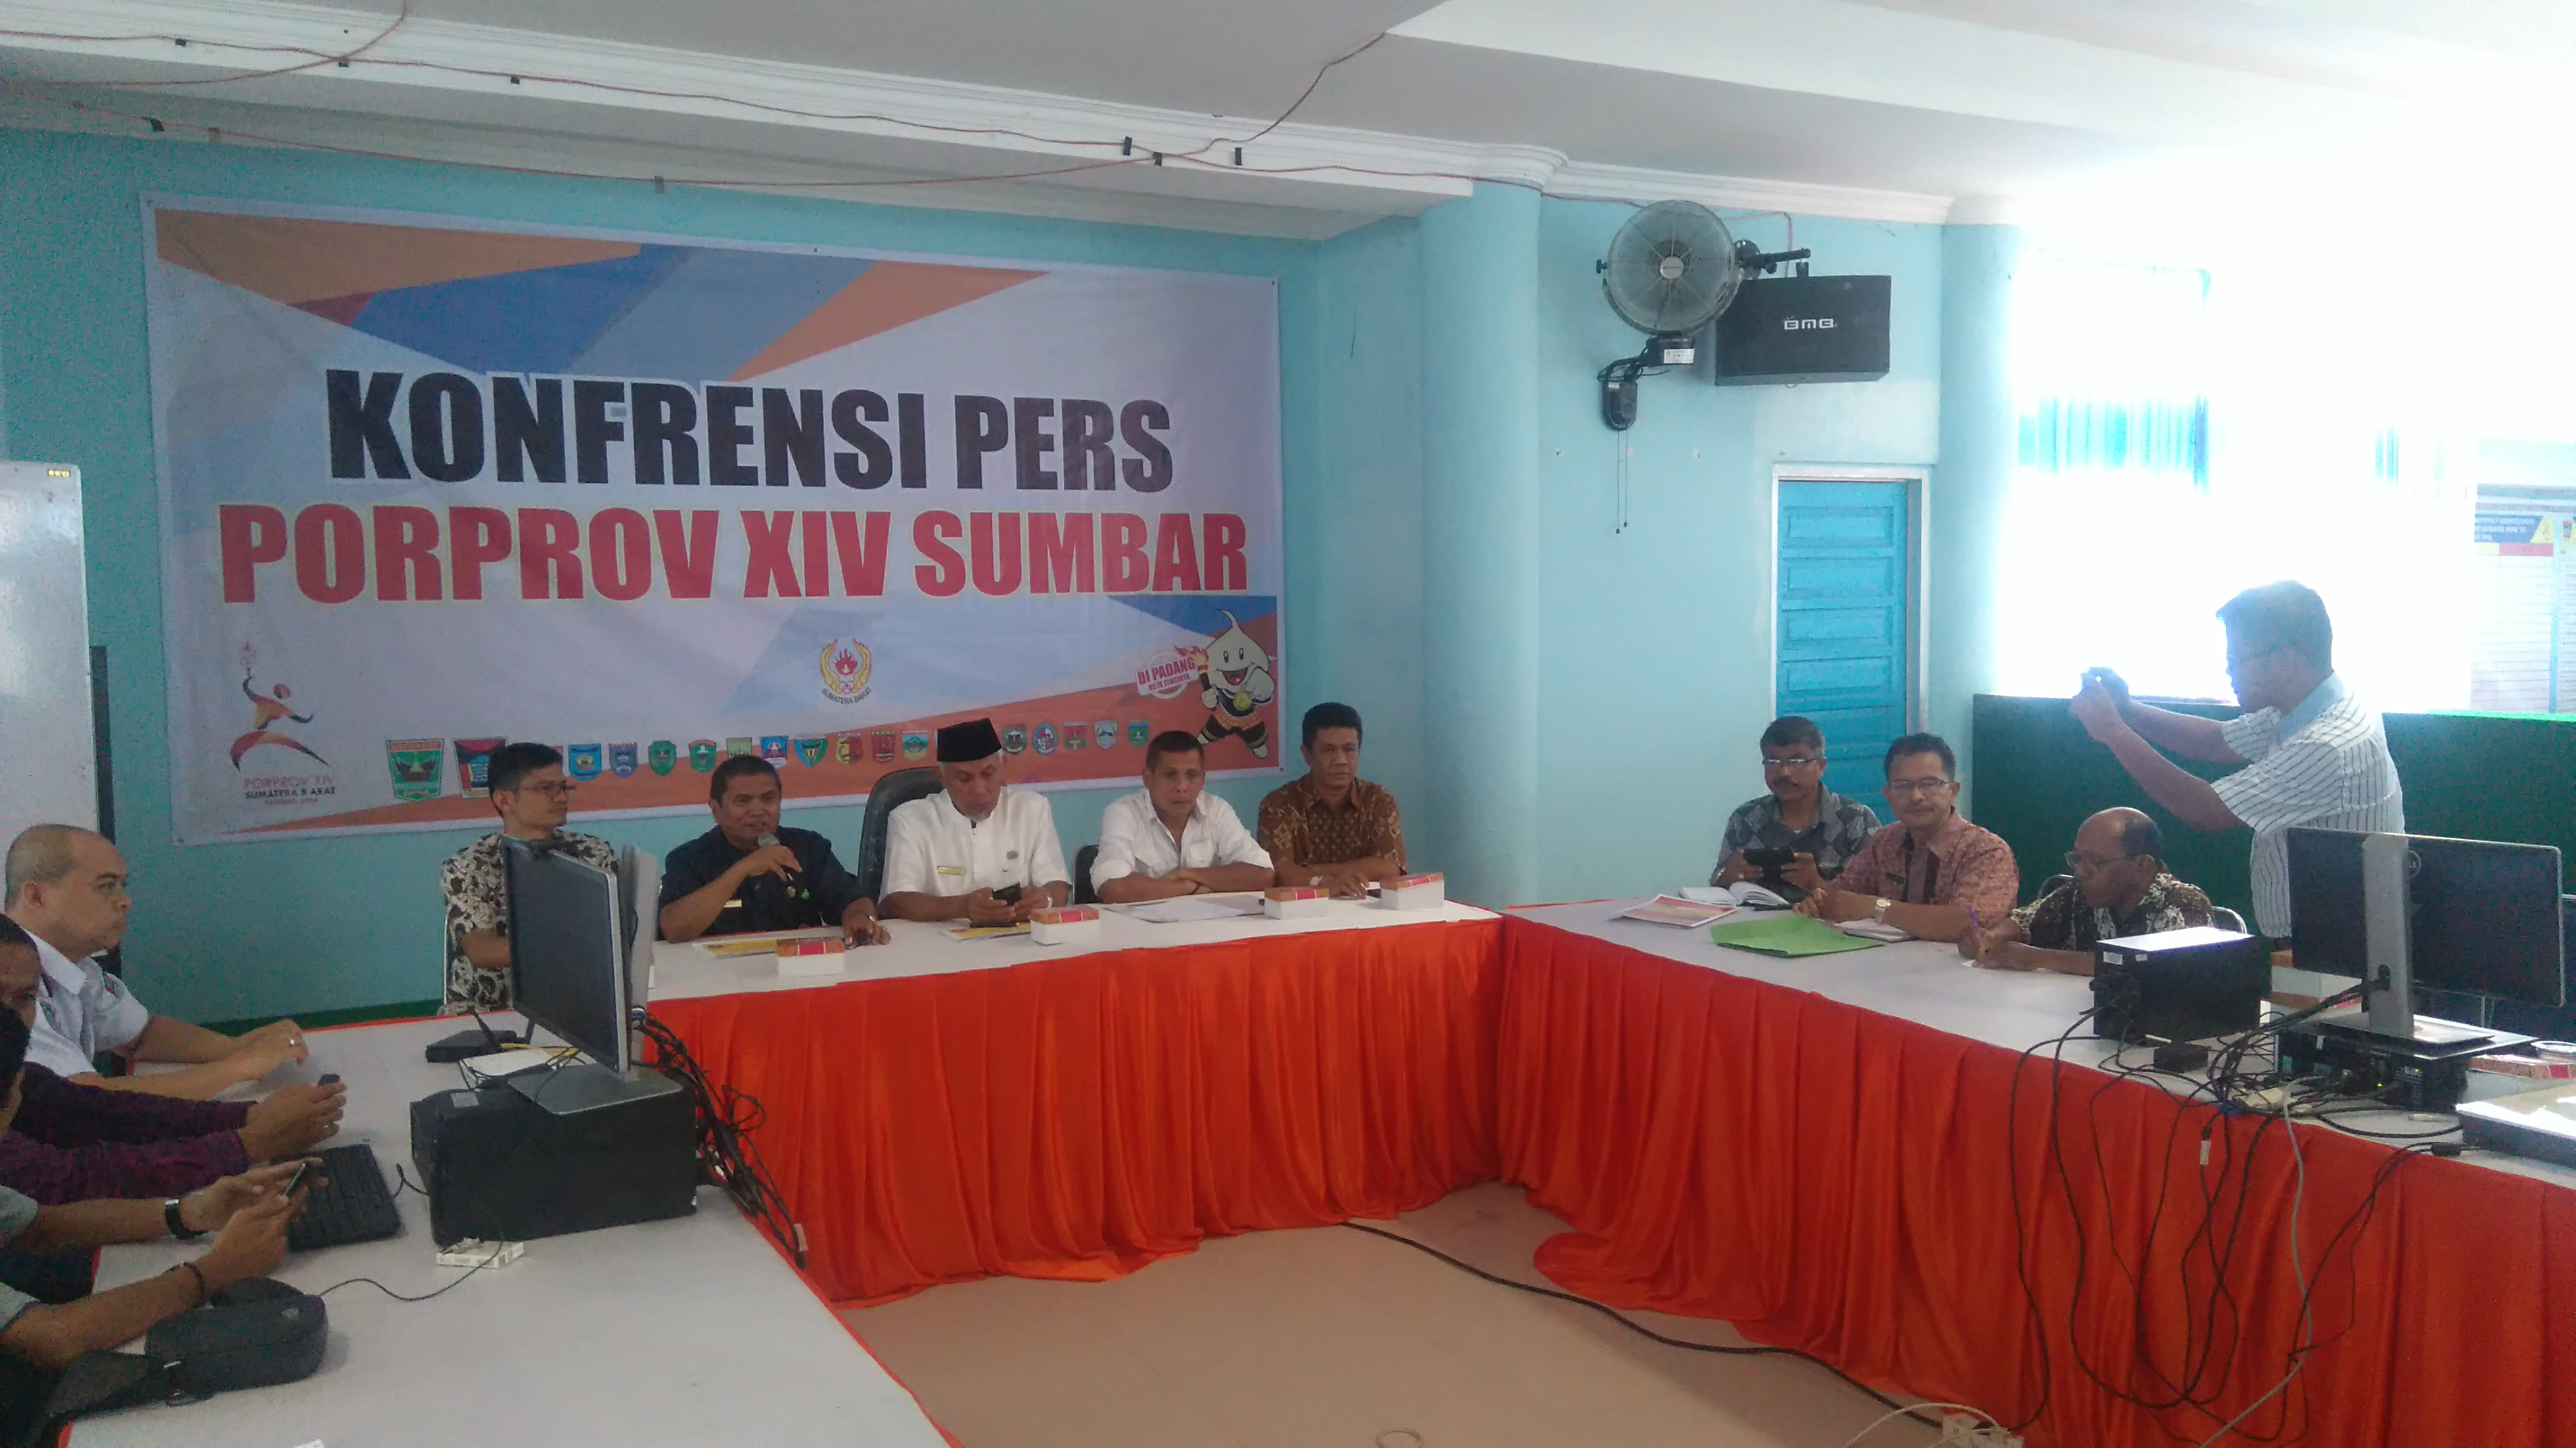 Walikota Padang Mahyeldi bersama Kadispora Suardi dan Ketua KONI Padang Agus Suardi memberikan keterangan kepada wartawan.